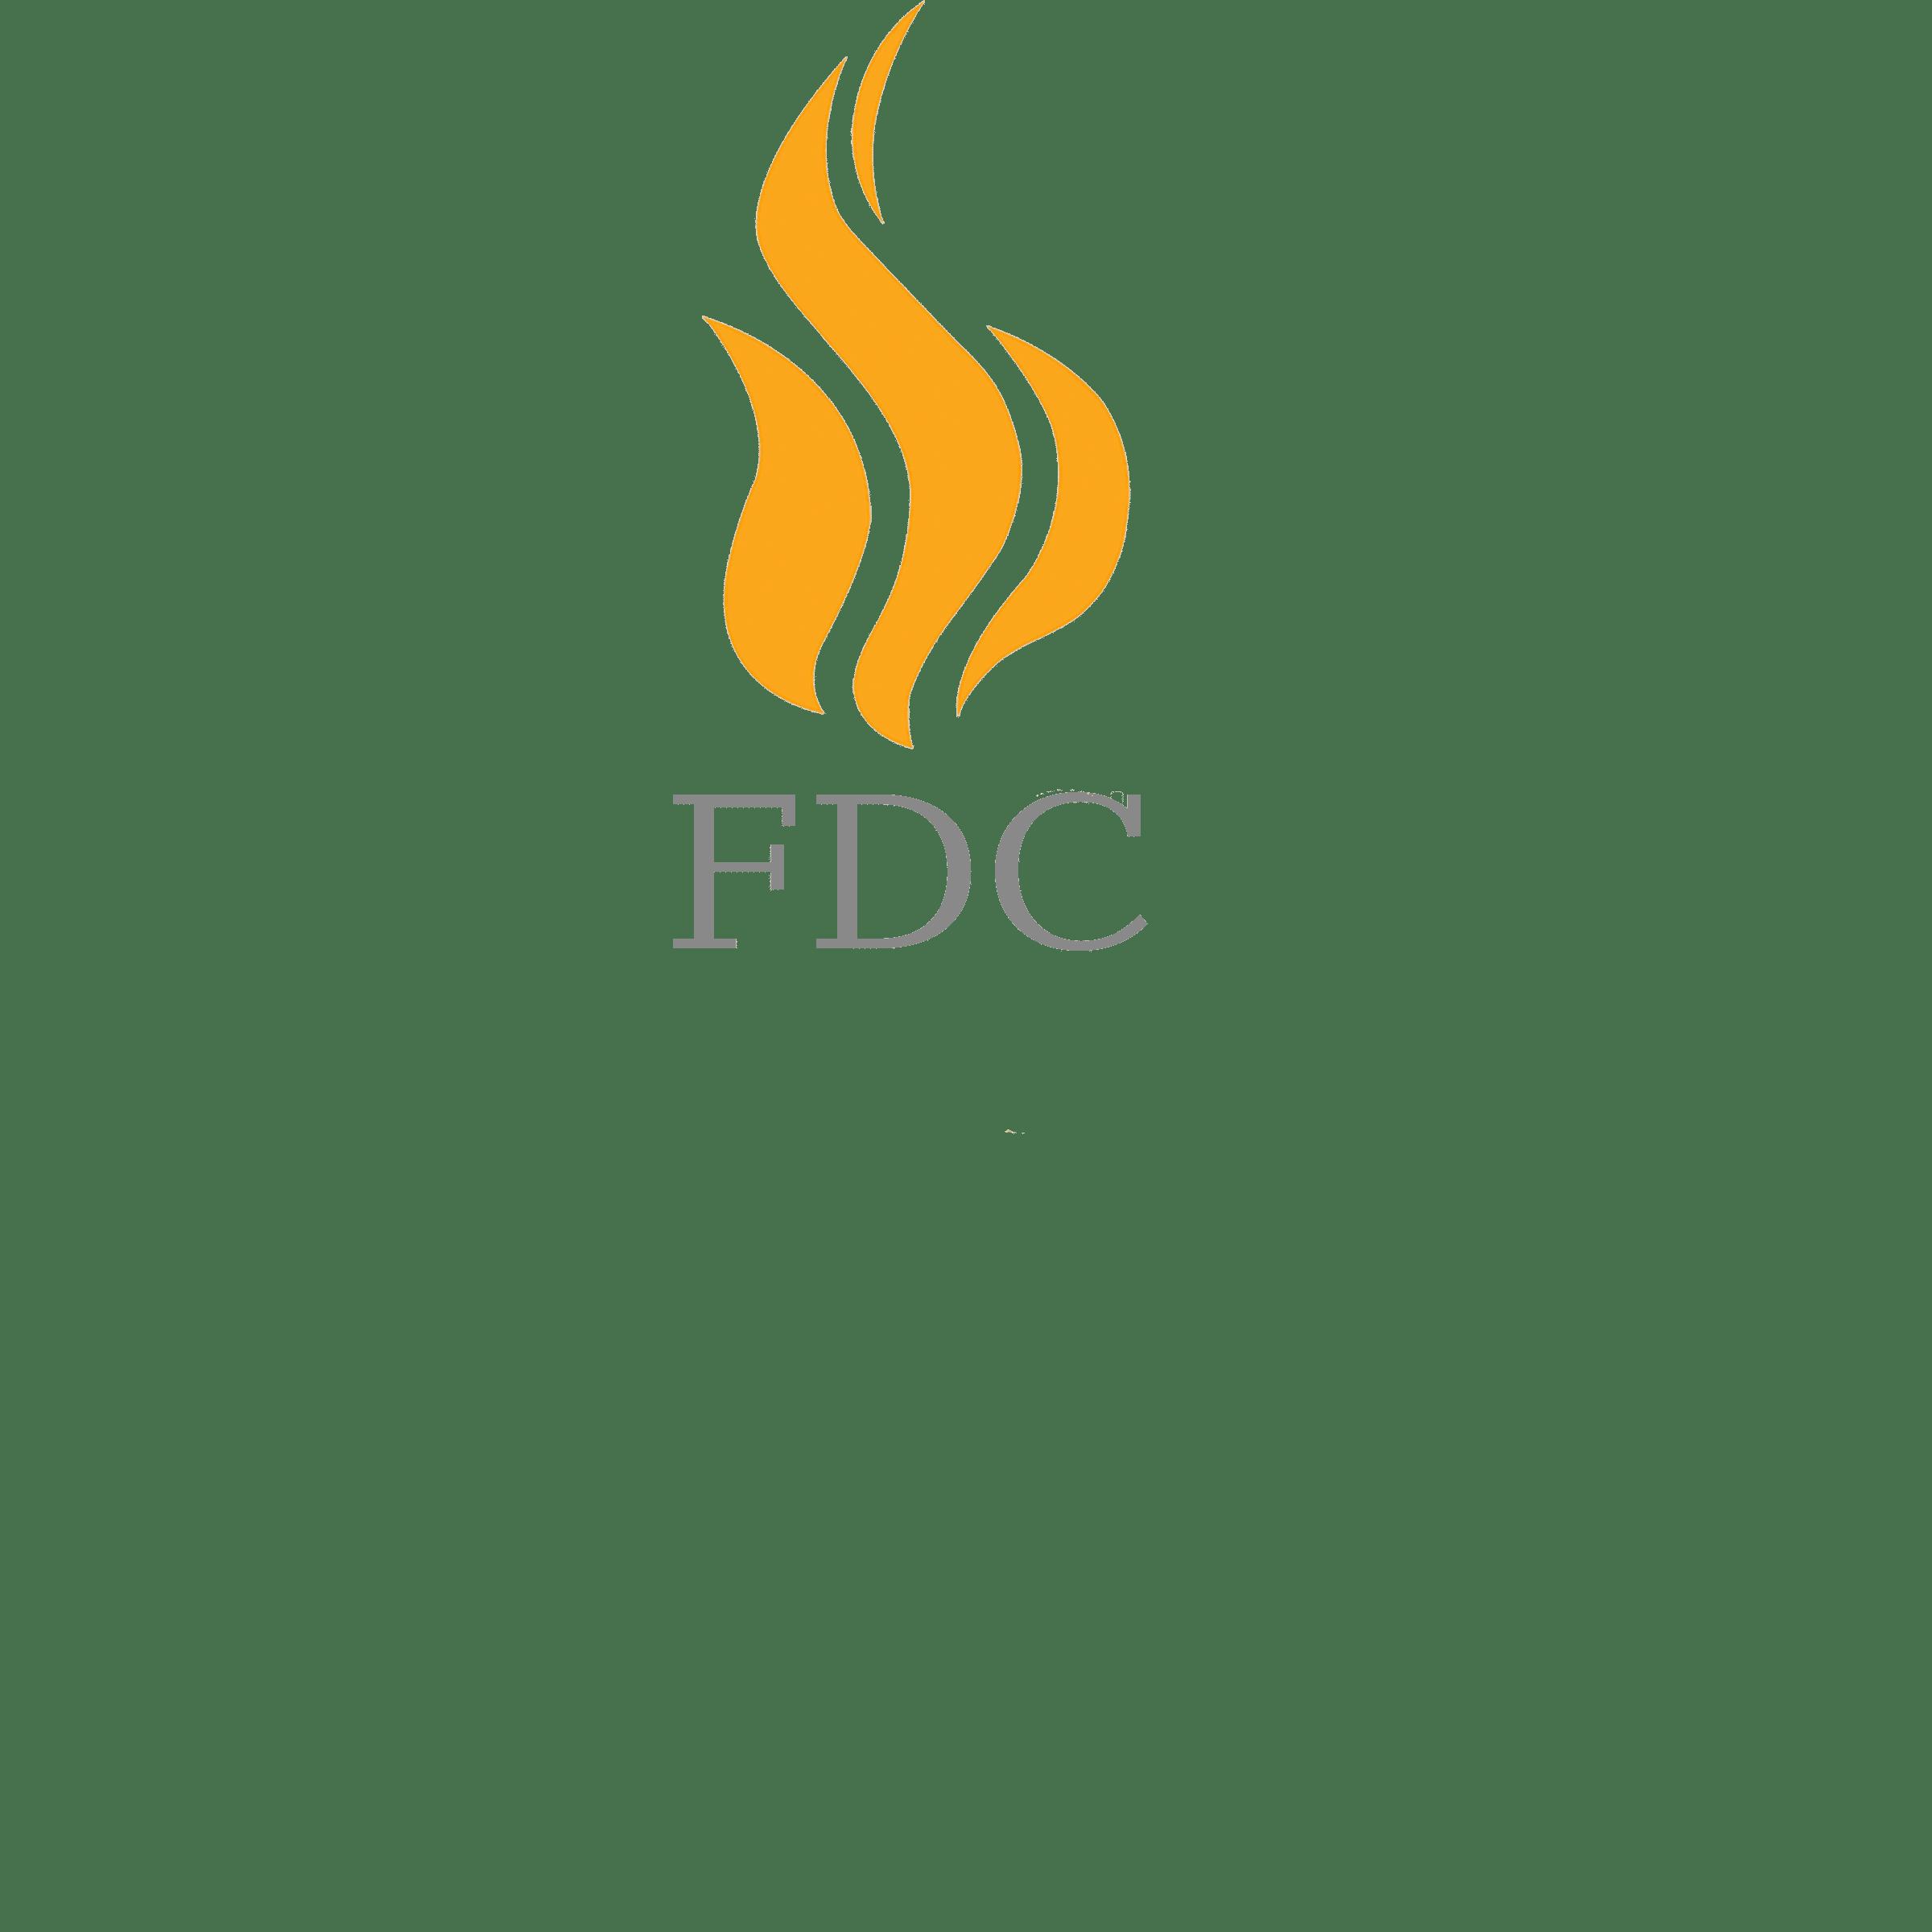 FDClogo 2